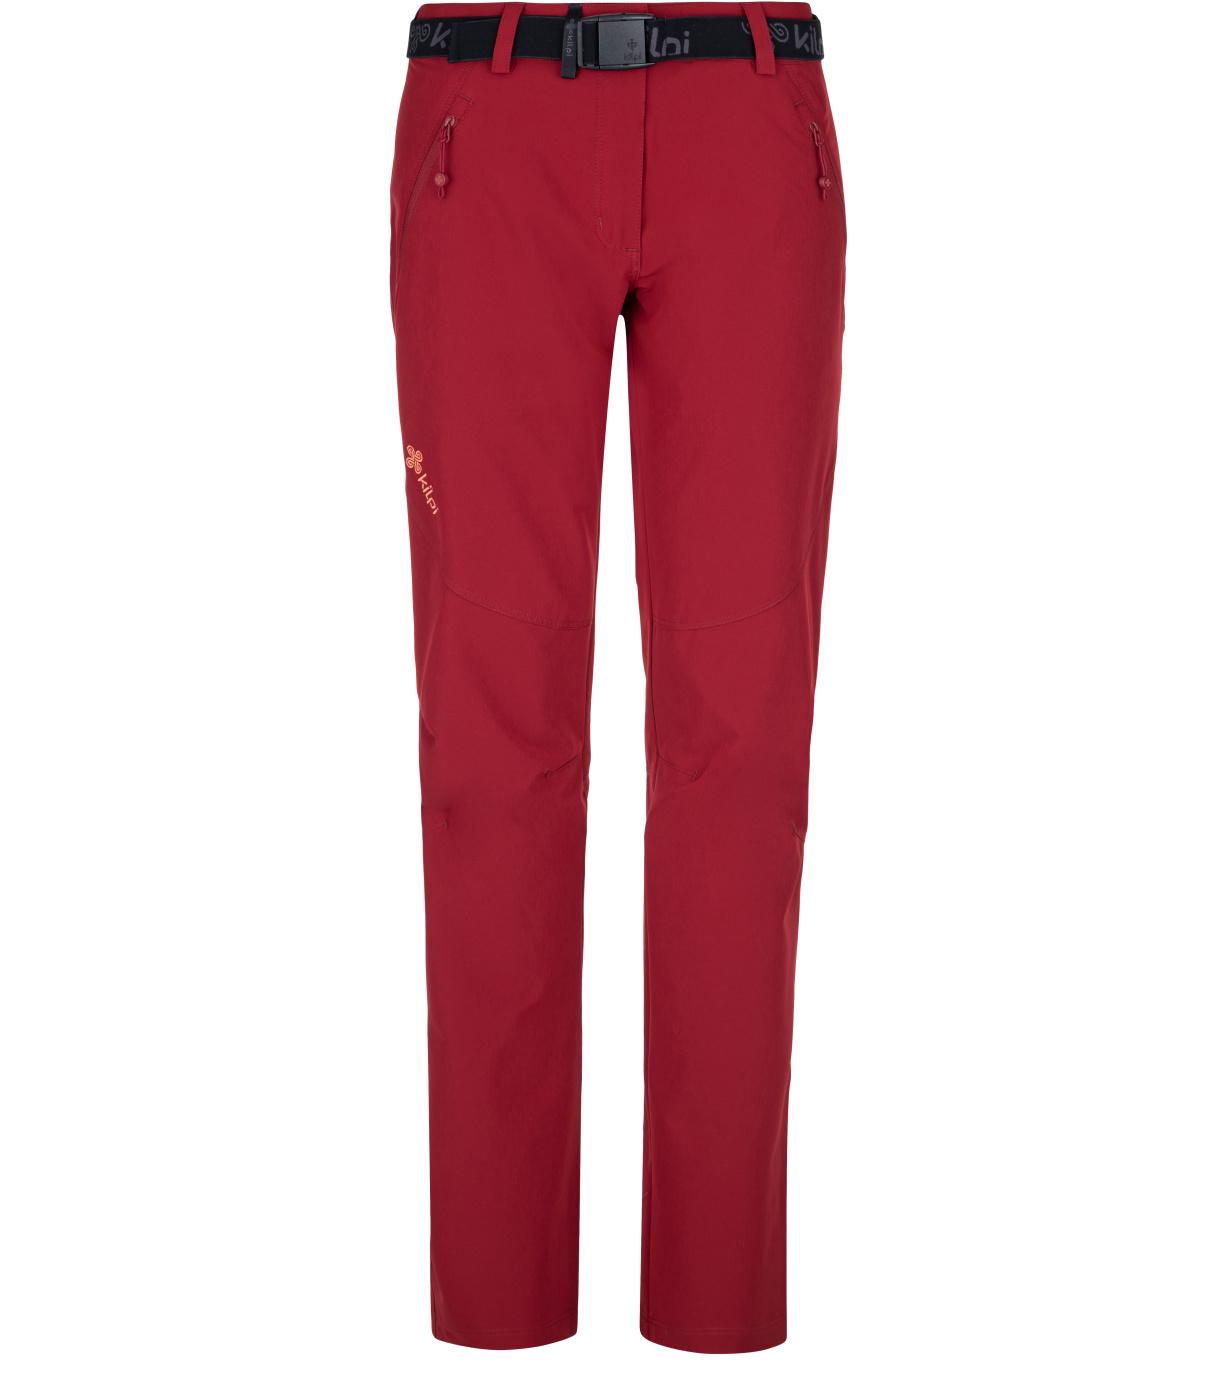 KILPI Dámské outdoorové kalhoty WANAKA-W PL0027KIDRD Červená 34